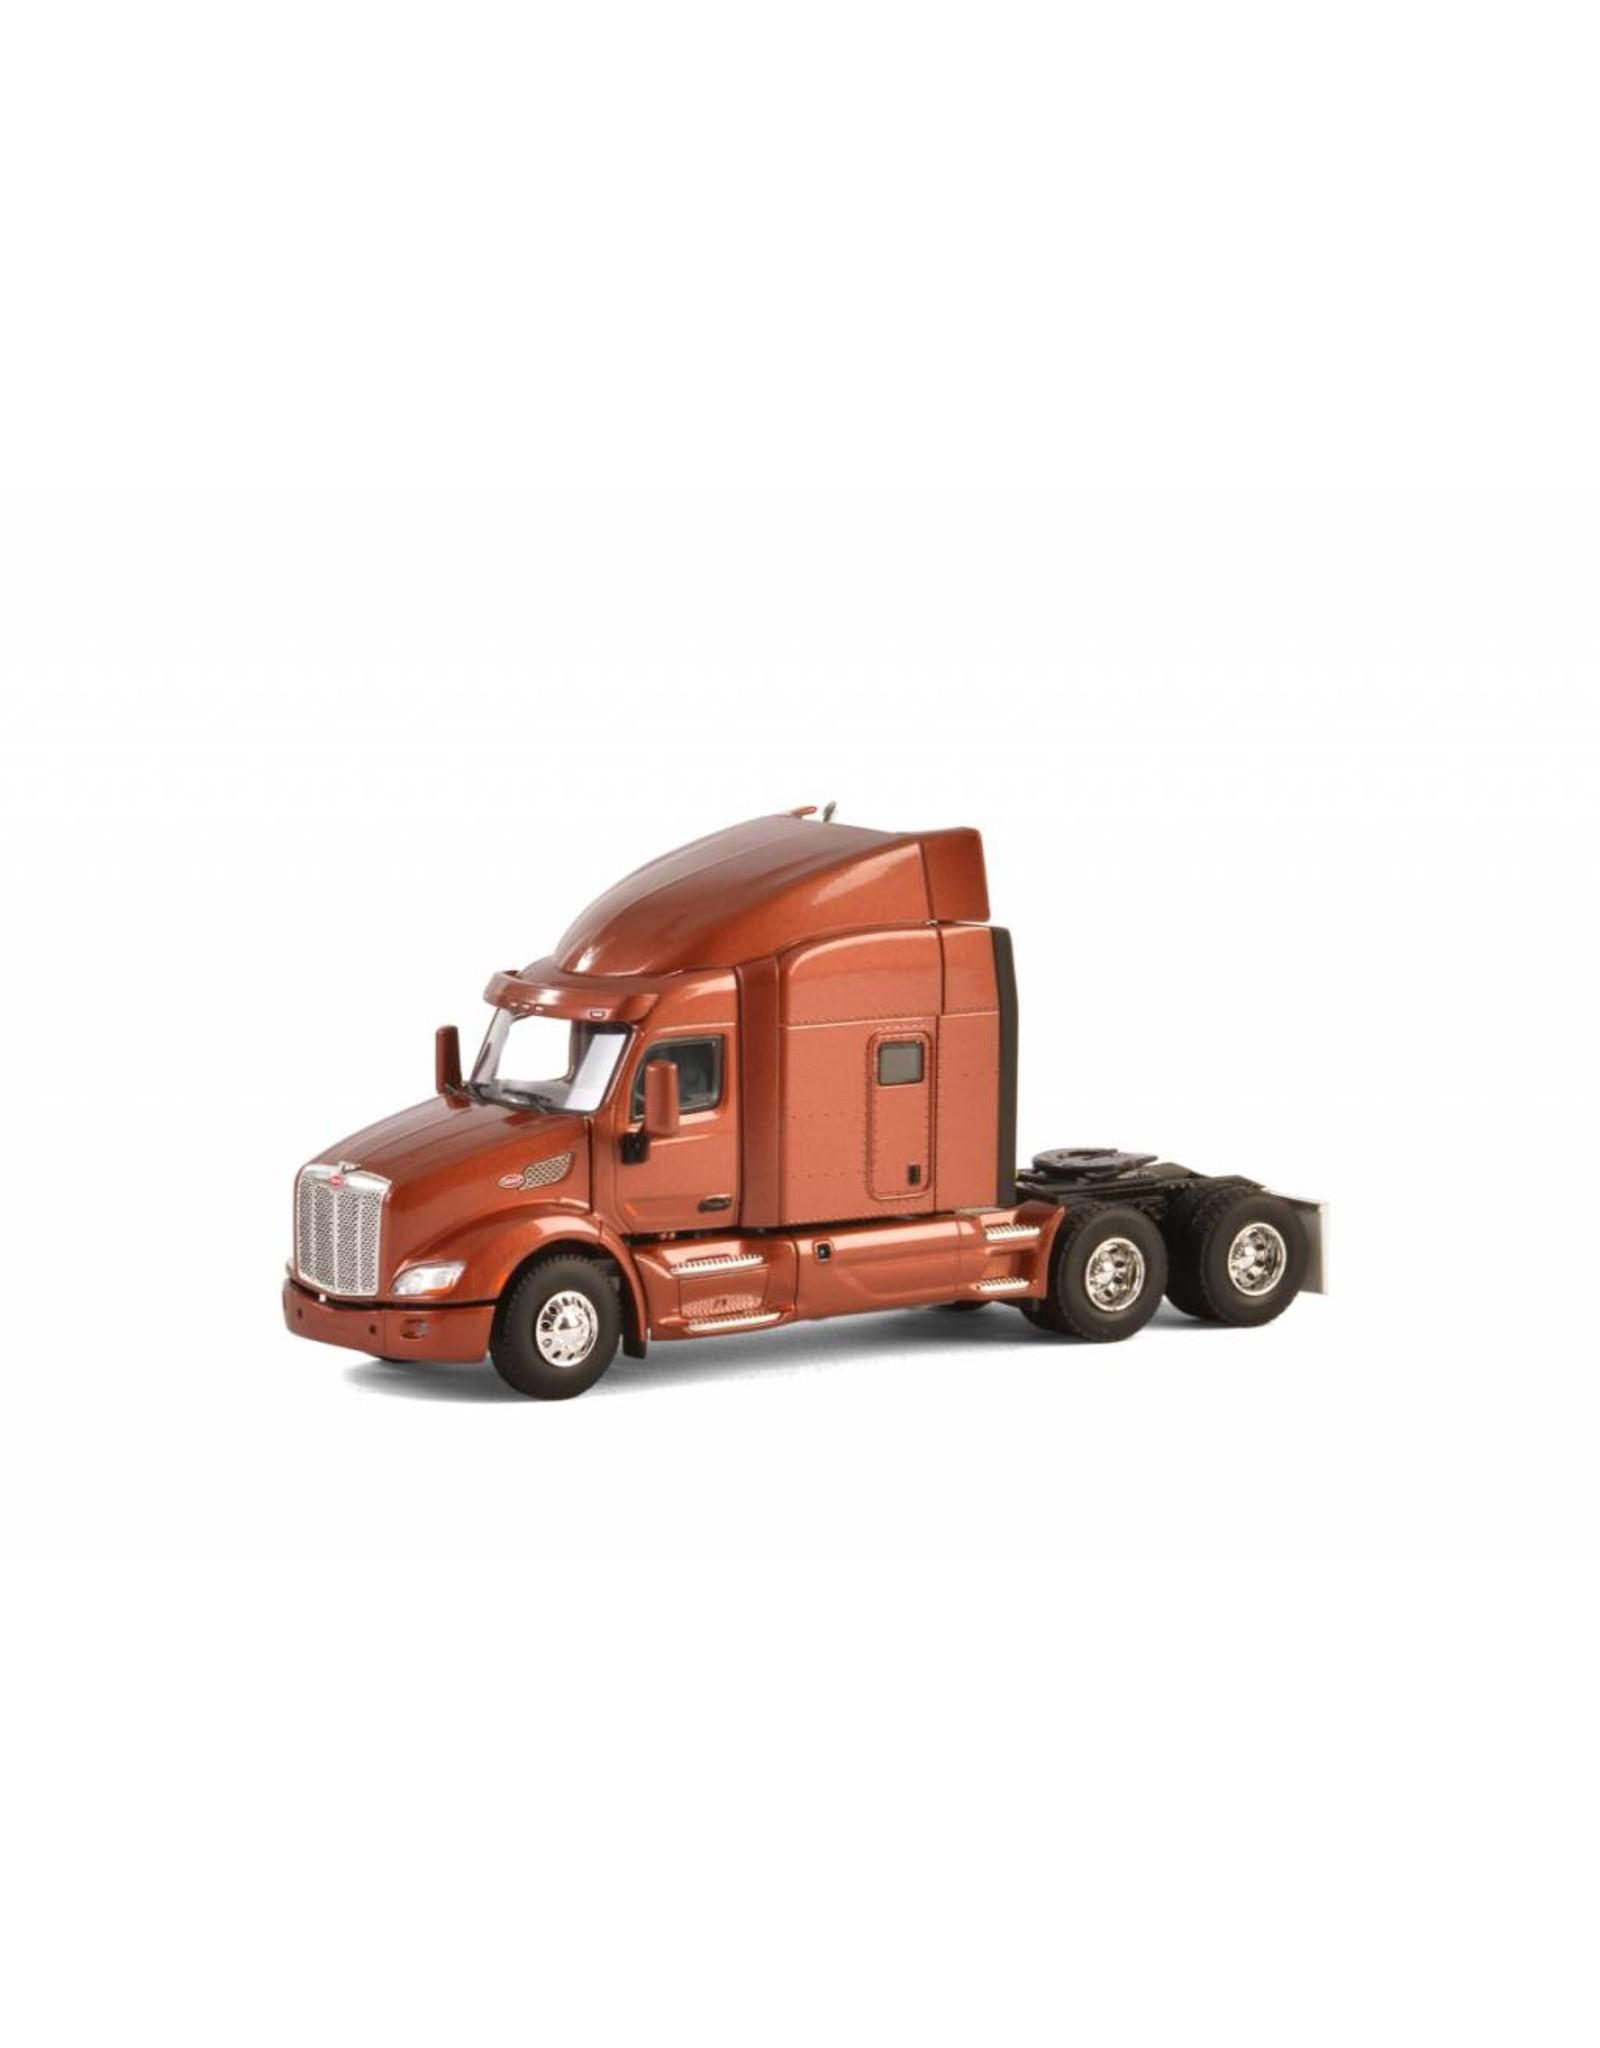 Peterbilt Peterbilt 579 Tractor 6x4 - 1:50- WSI Models